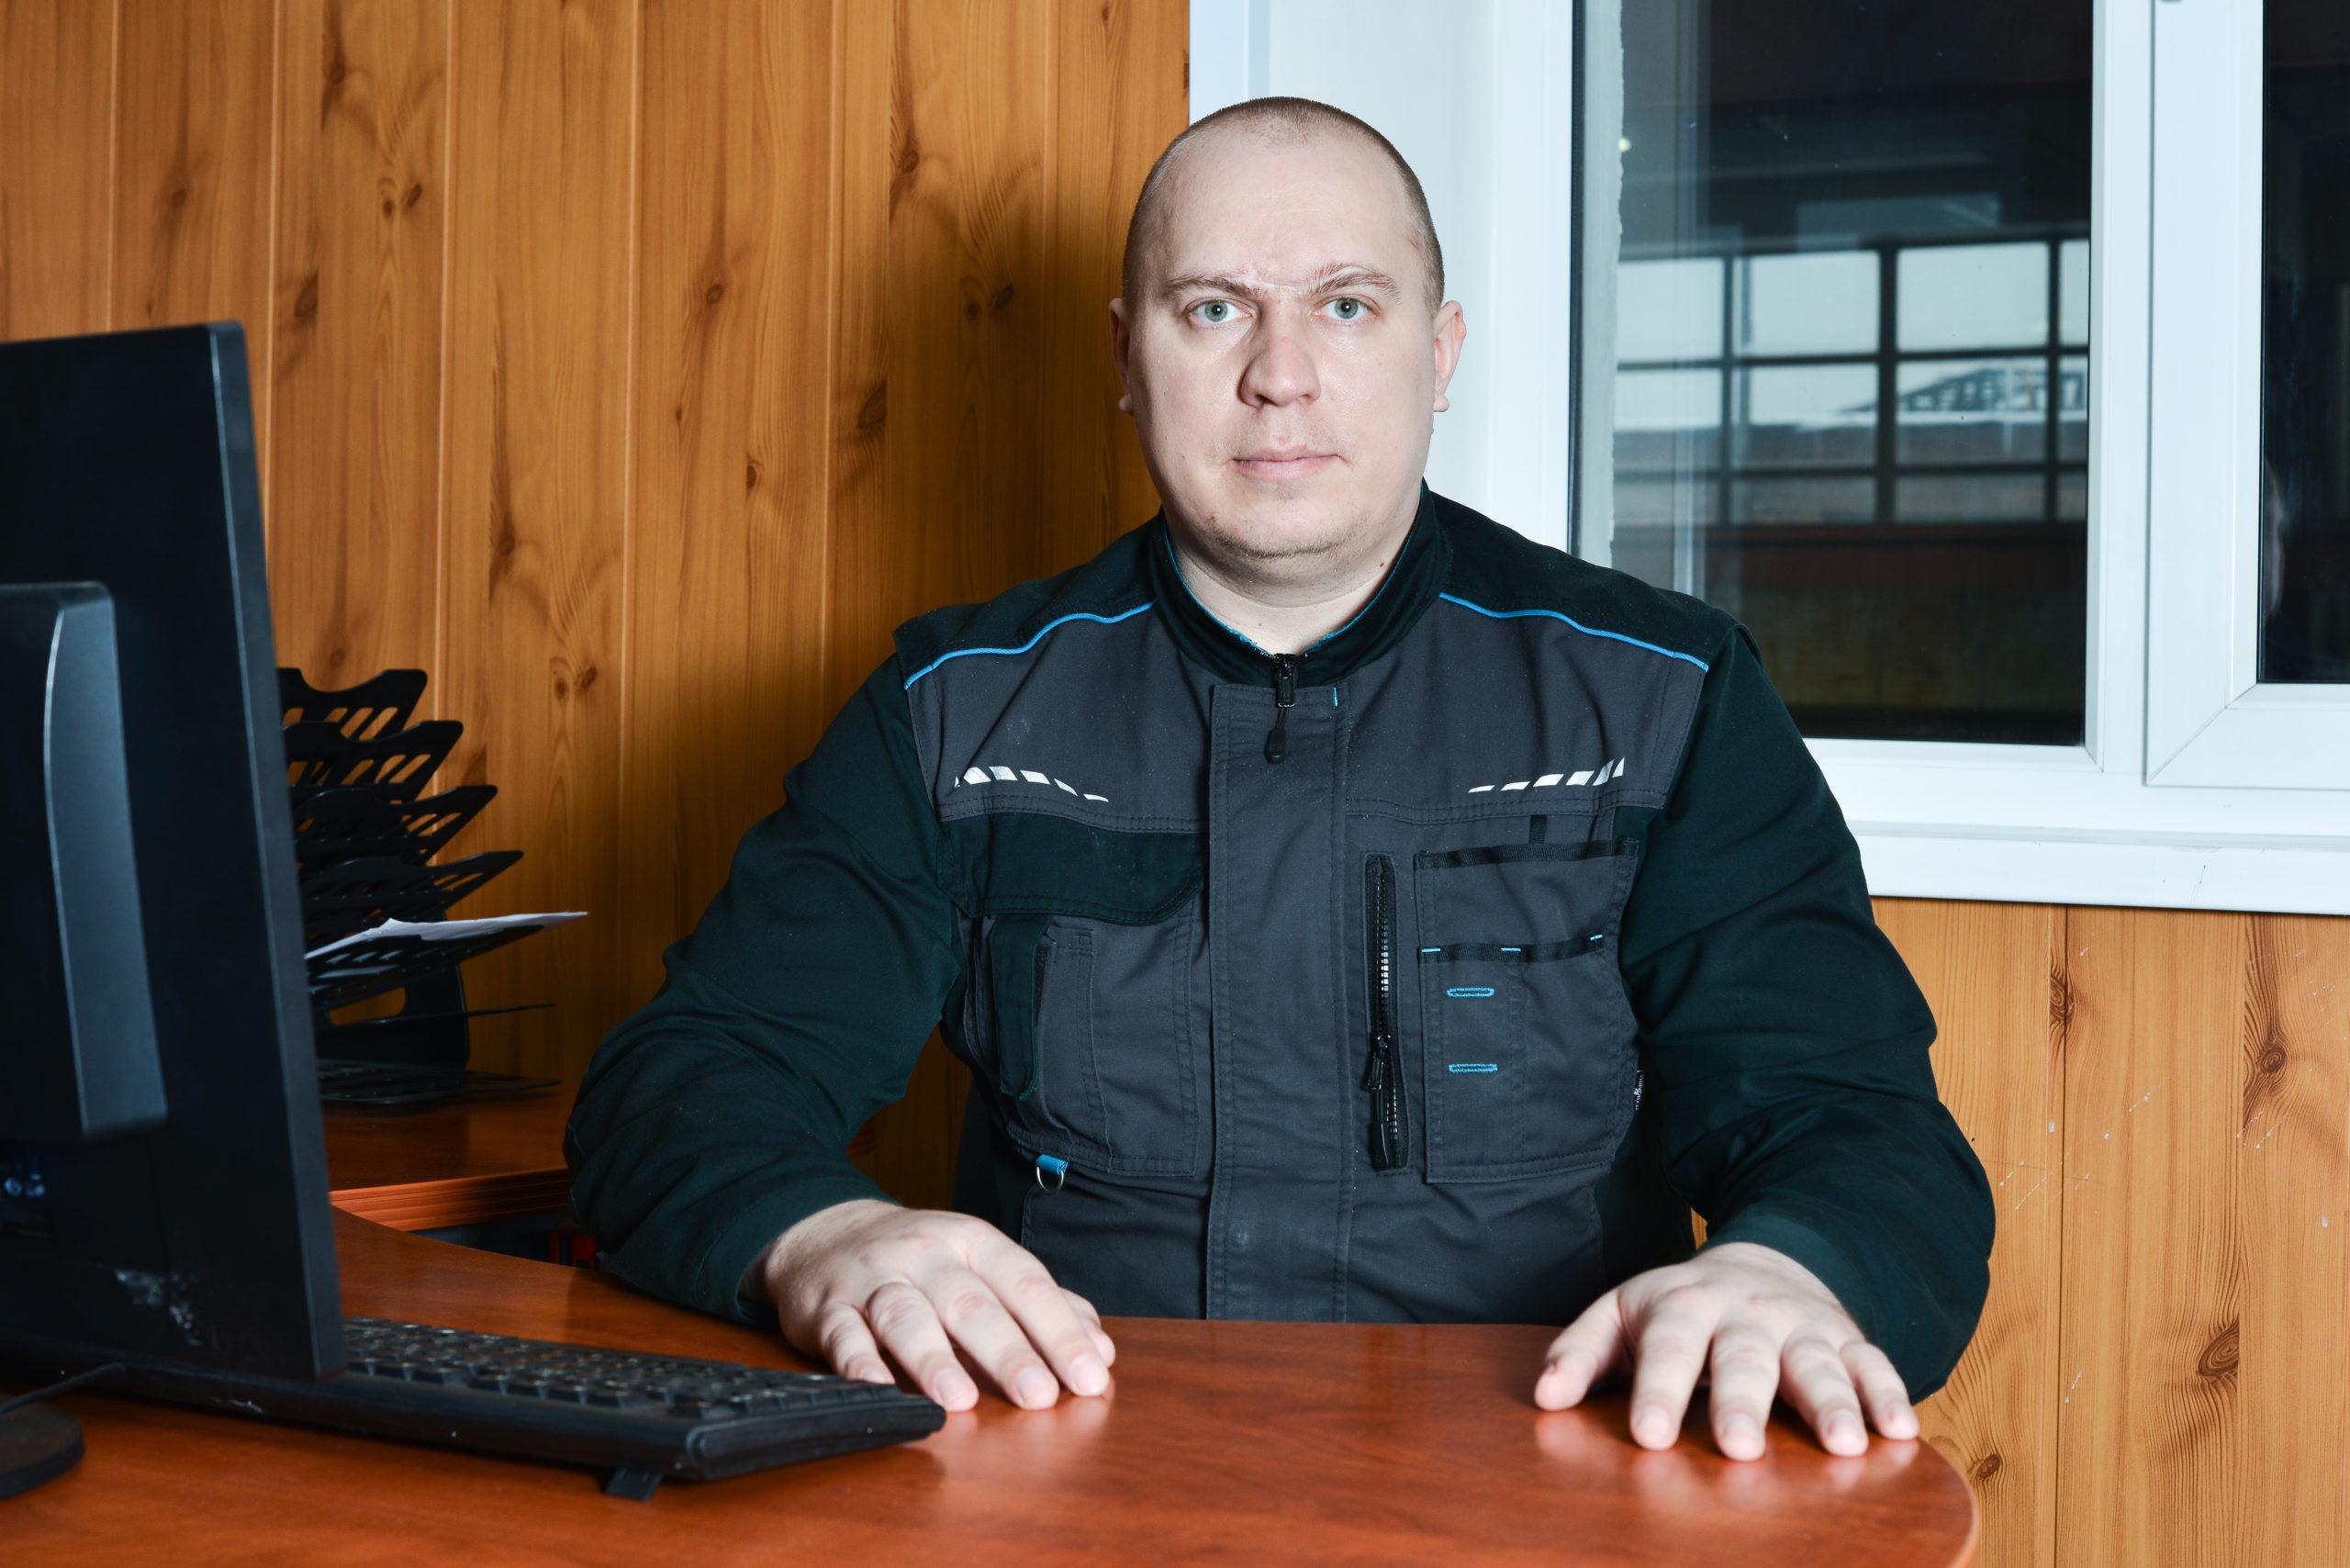 Зеленин Павел Евгеньевич (Начальник смены )